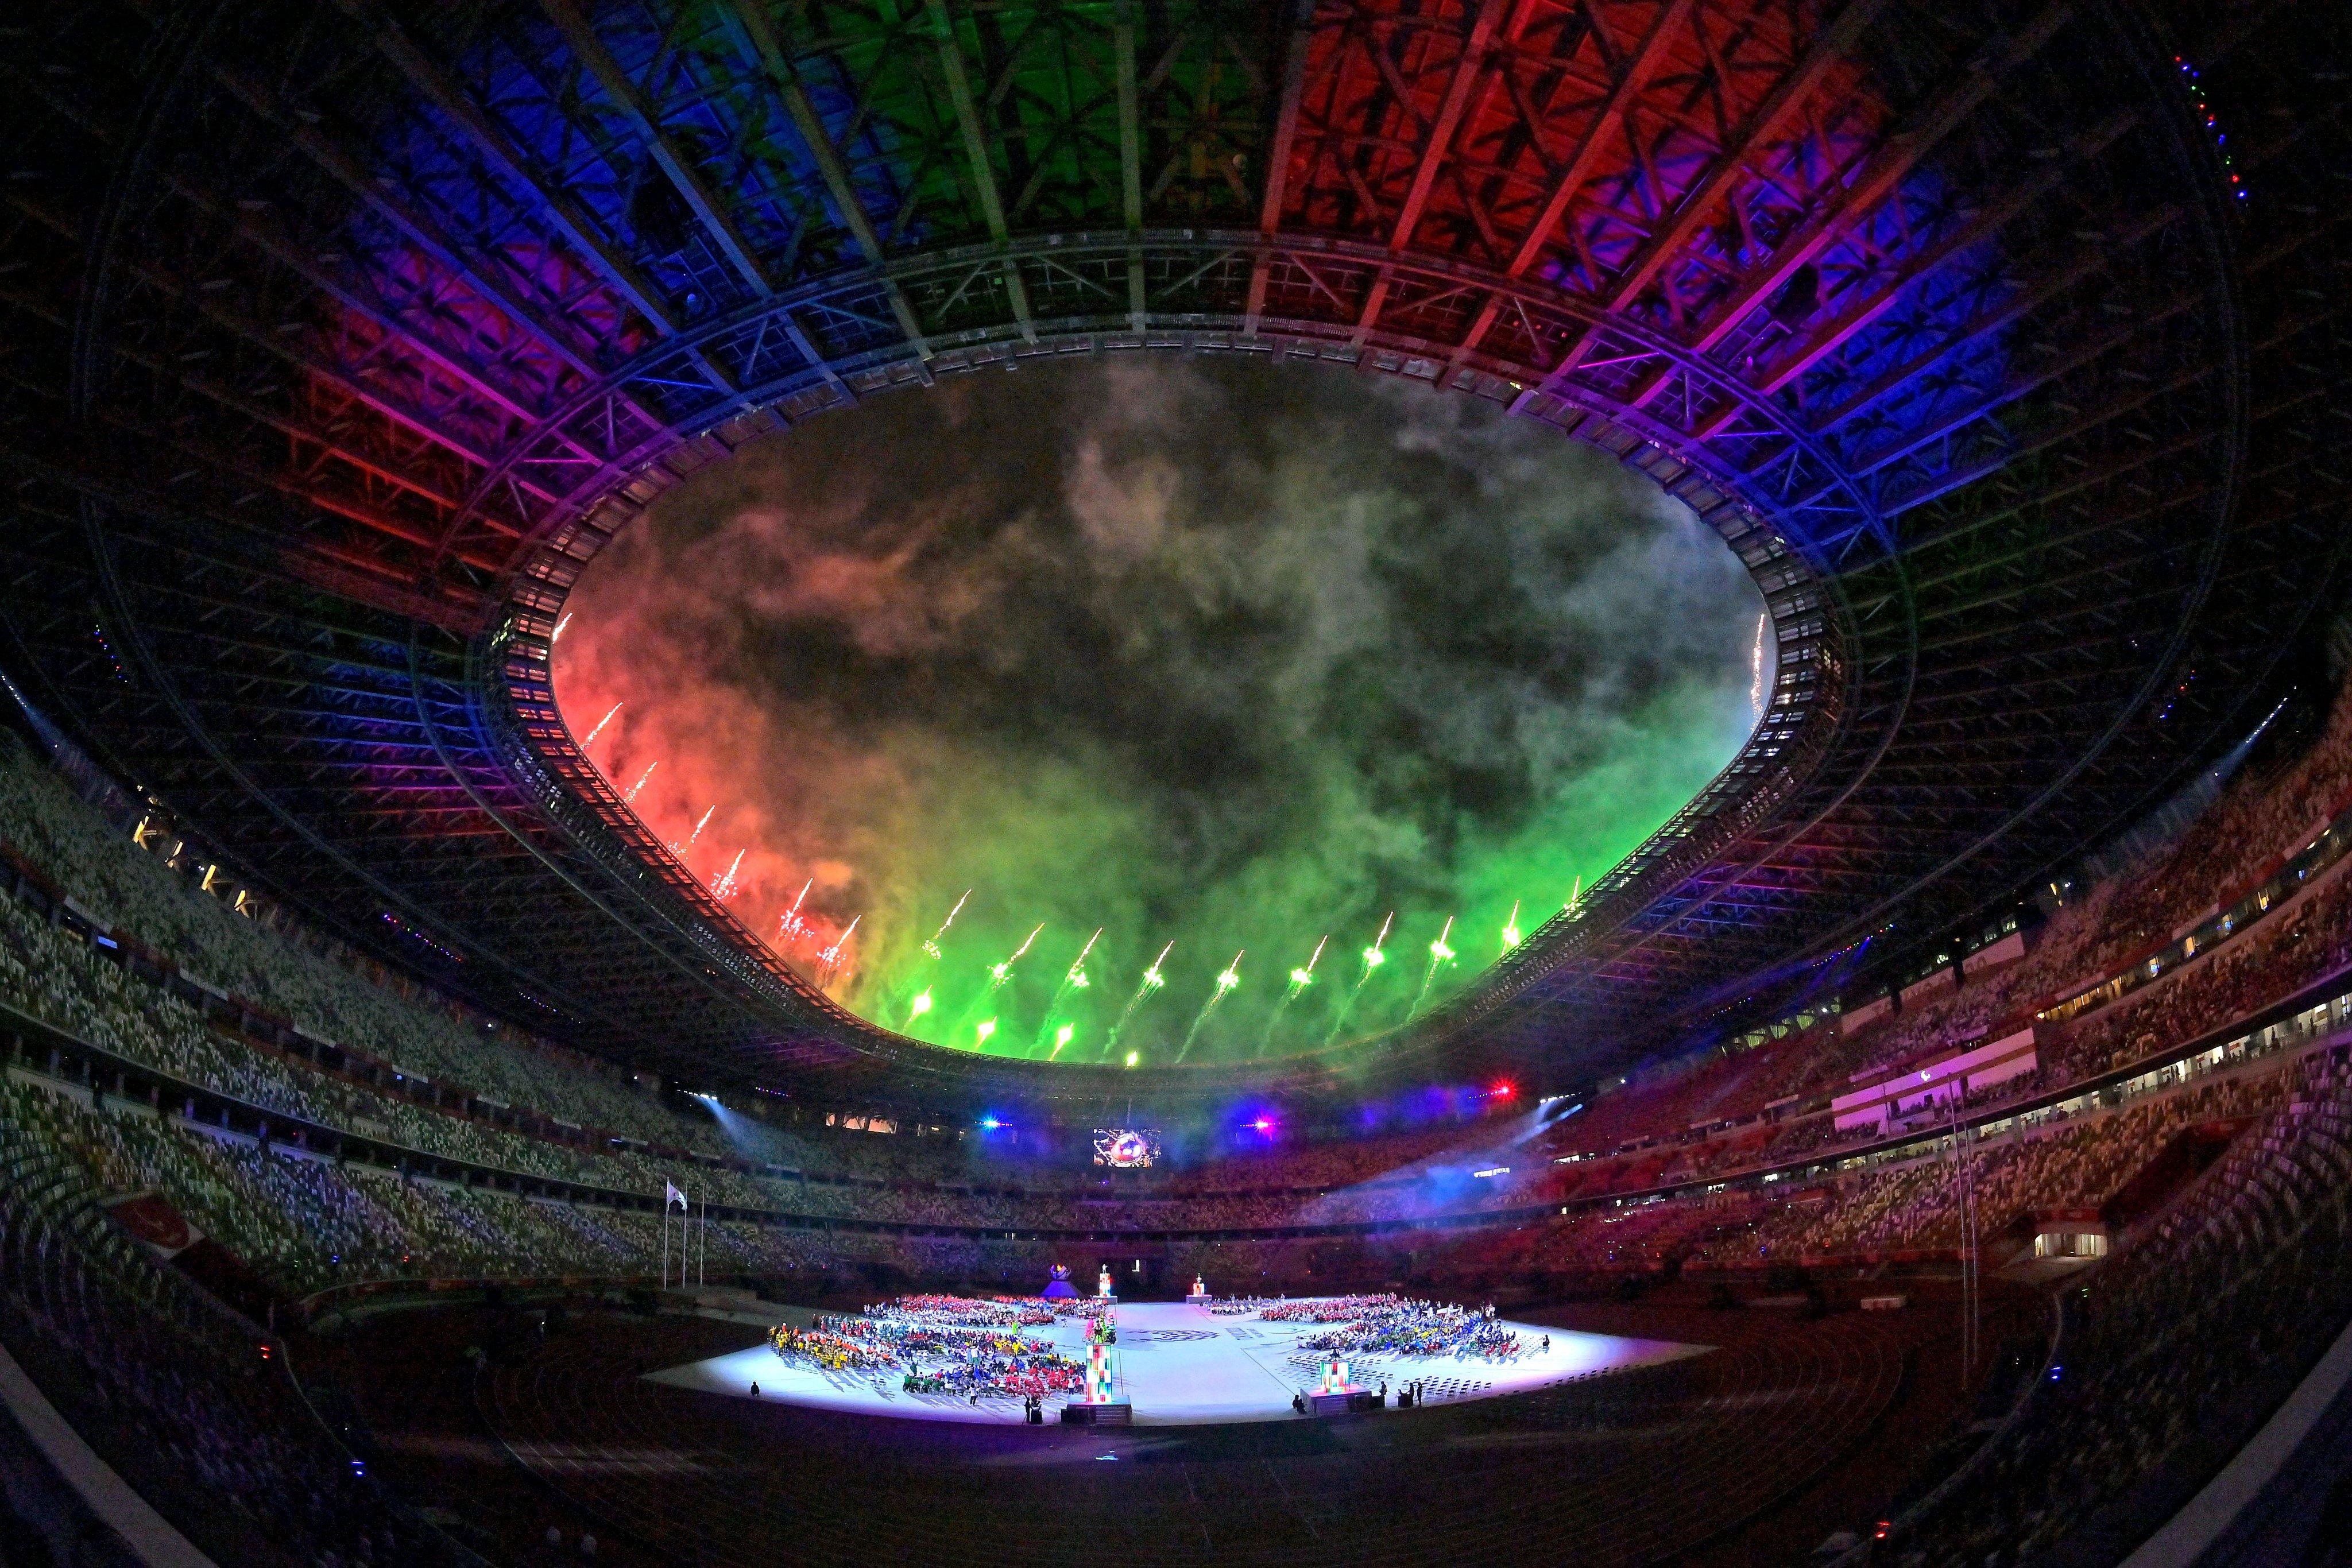 टोक्यो पैरालंपिक खेलों का शानदार समारोह के साथ समापन, भारत 19 पदक जीतकर 24वें स्थान पर रहा